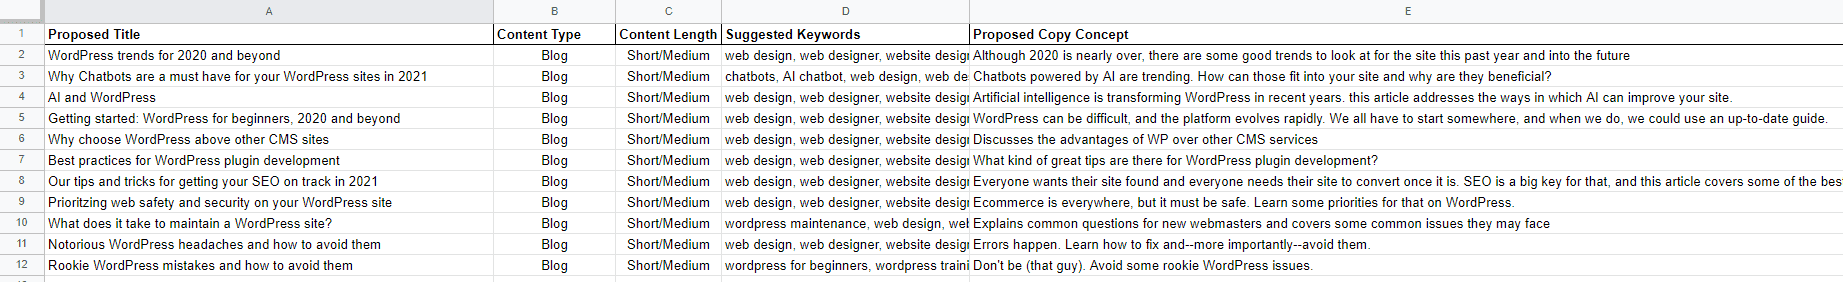 Seohive Content Topics